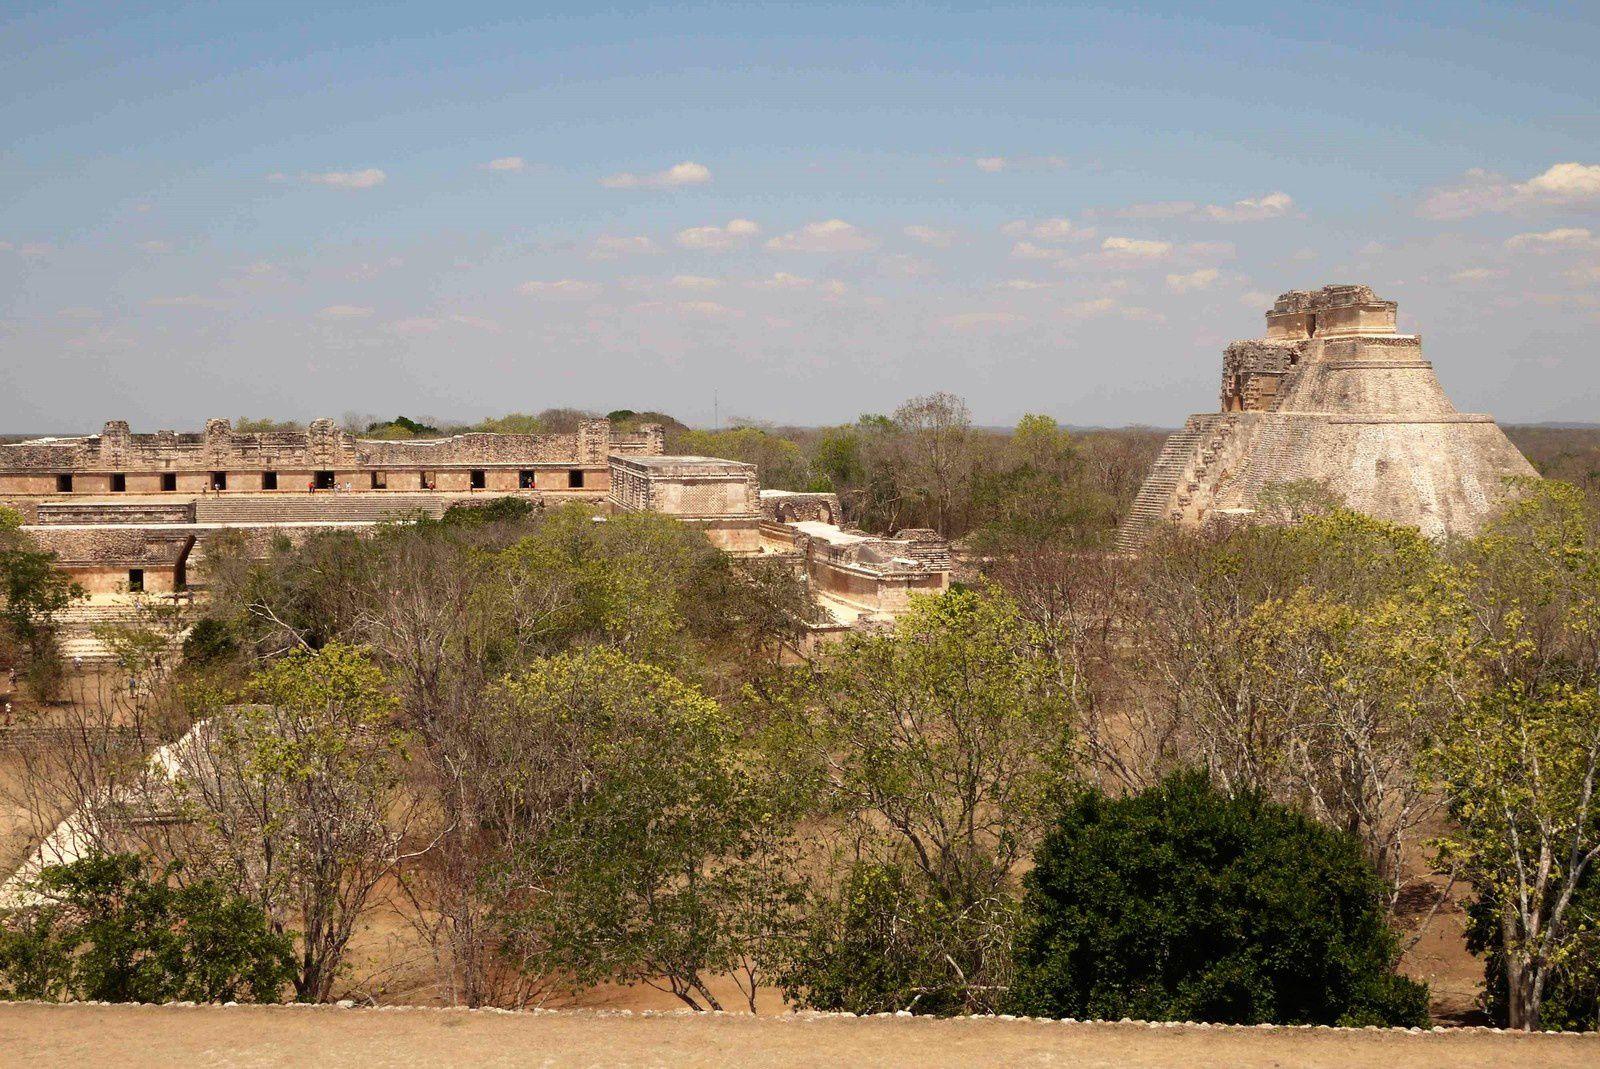 Du palais du gouverneur, une vue d'ensemble sur tout le site